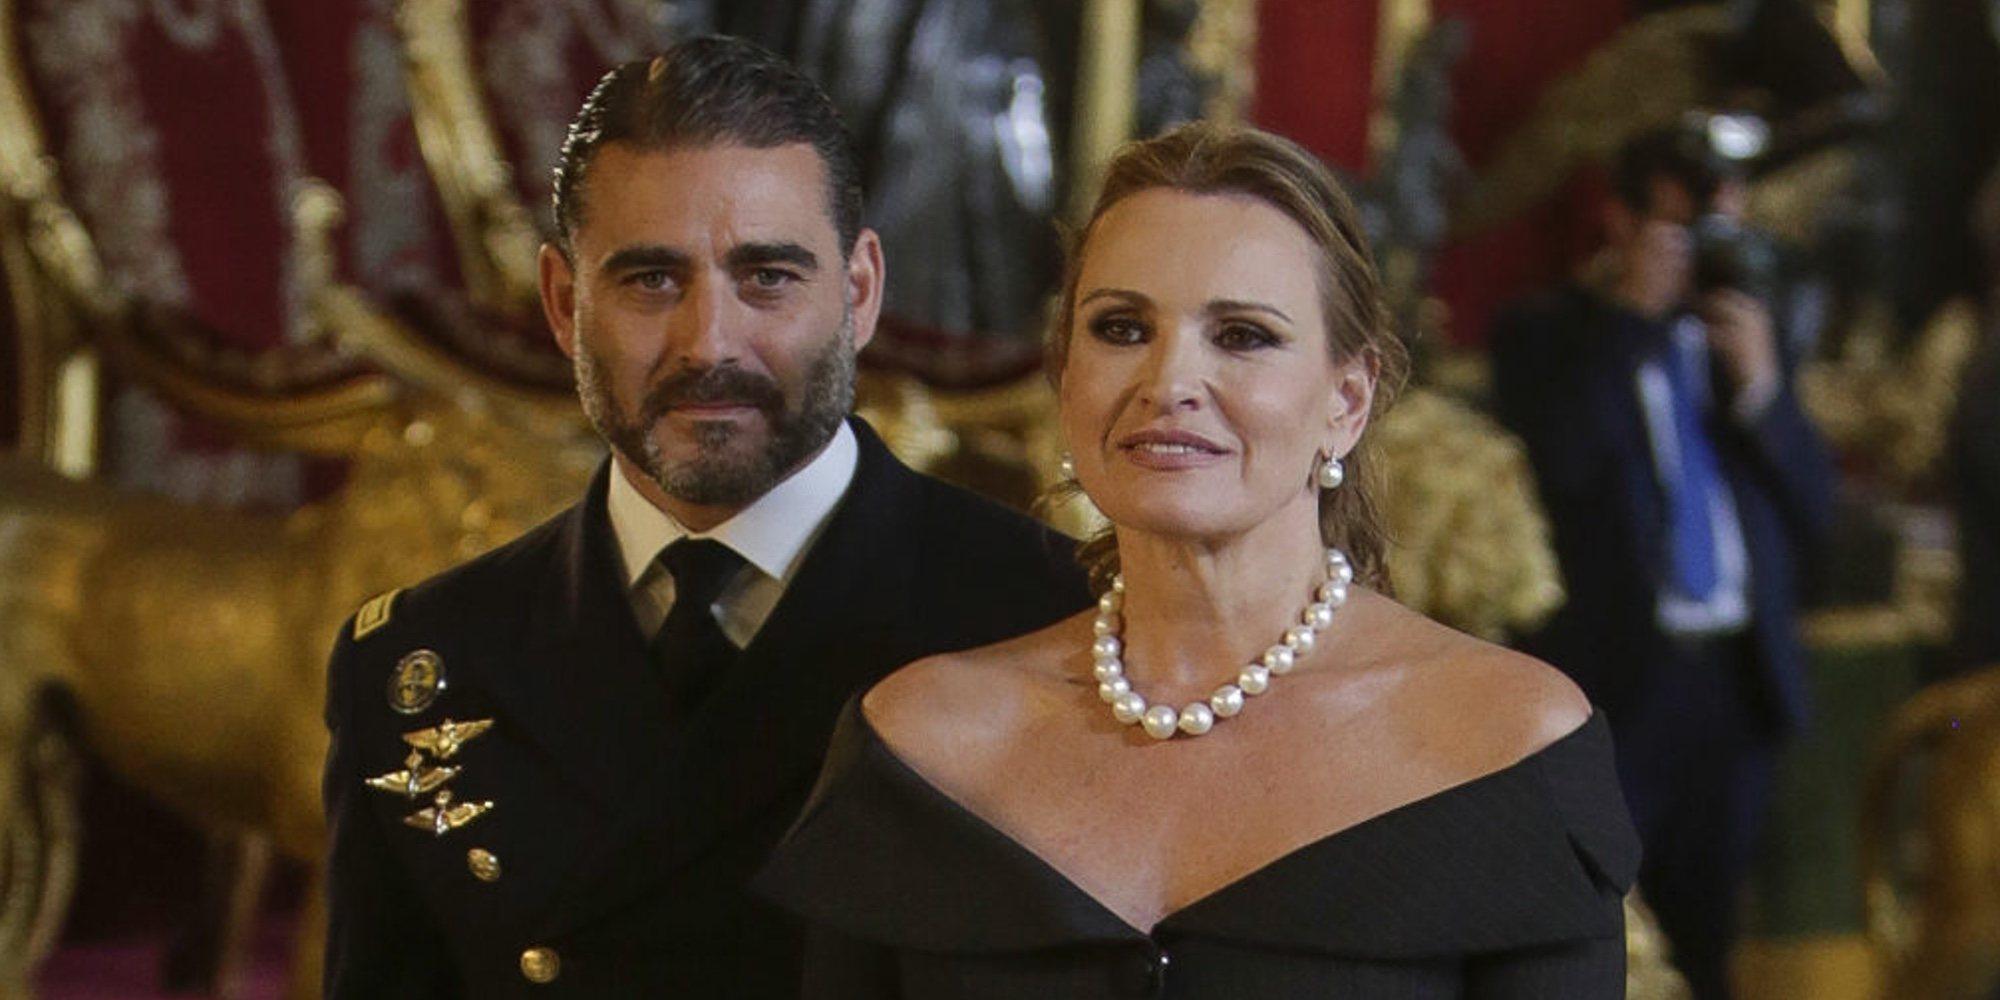 La soprano Ainhoa Arteta anuncia boda con su nuevo novio, el capitán de navío Matías Urrea